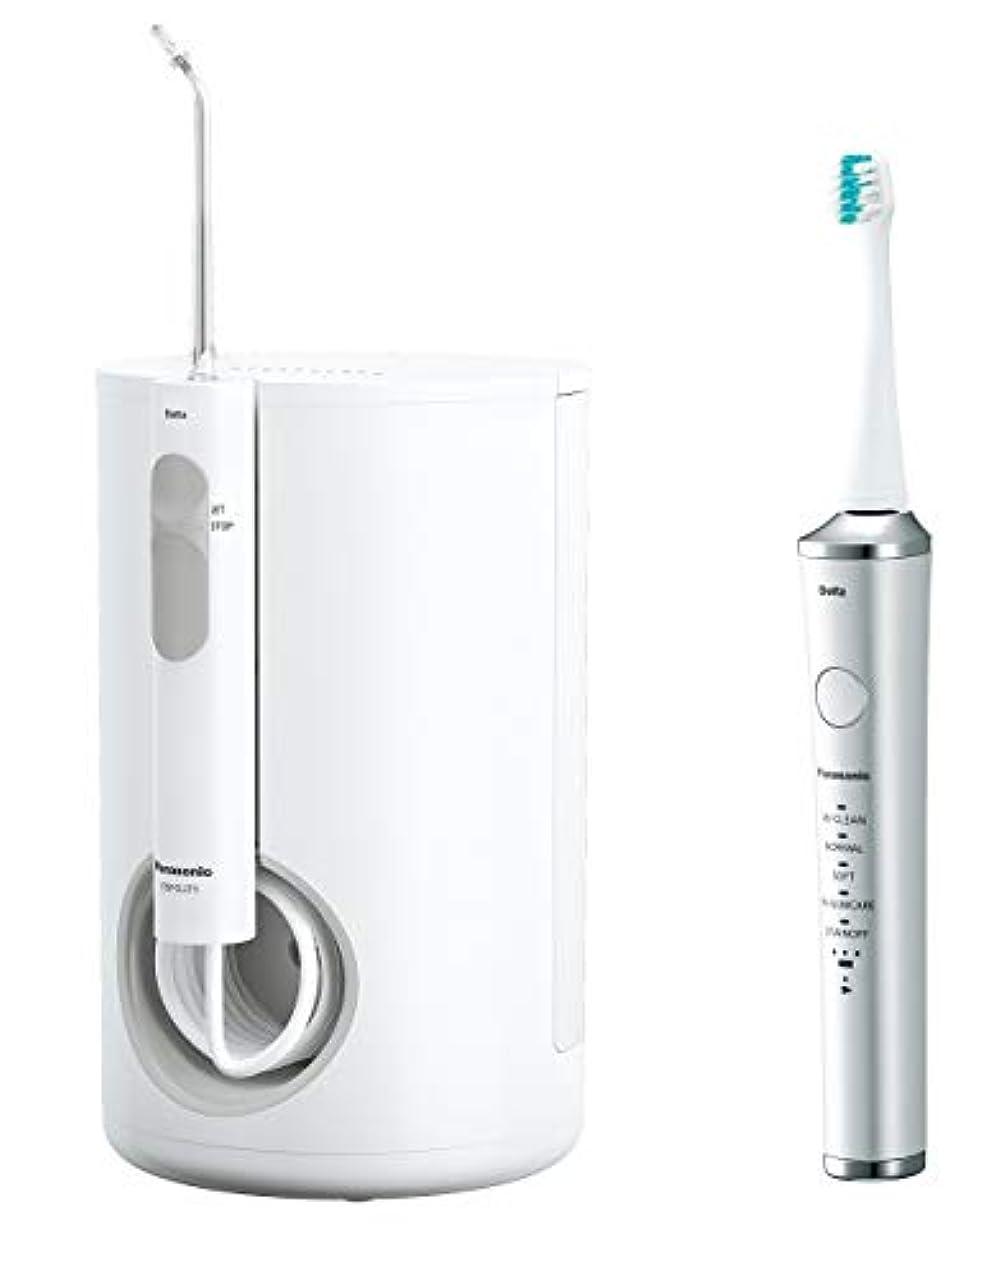 多分ケープ日常的にパナソニック 口腔洗浄器 ジェットウォッシャー ドルツ 白 EW-DJ71-W + 電動歯ブラシ ドルツ セット